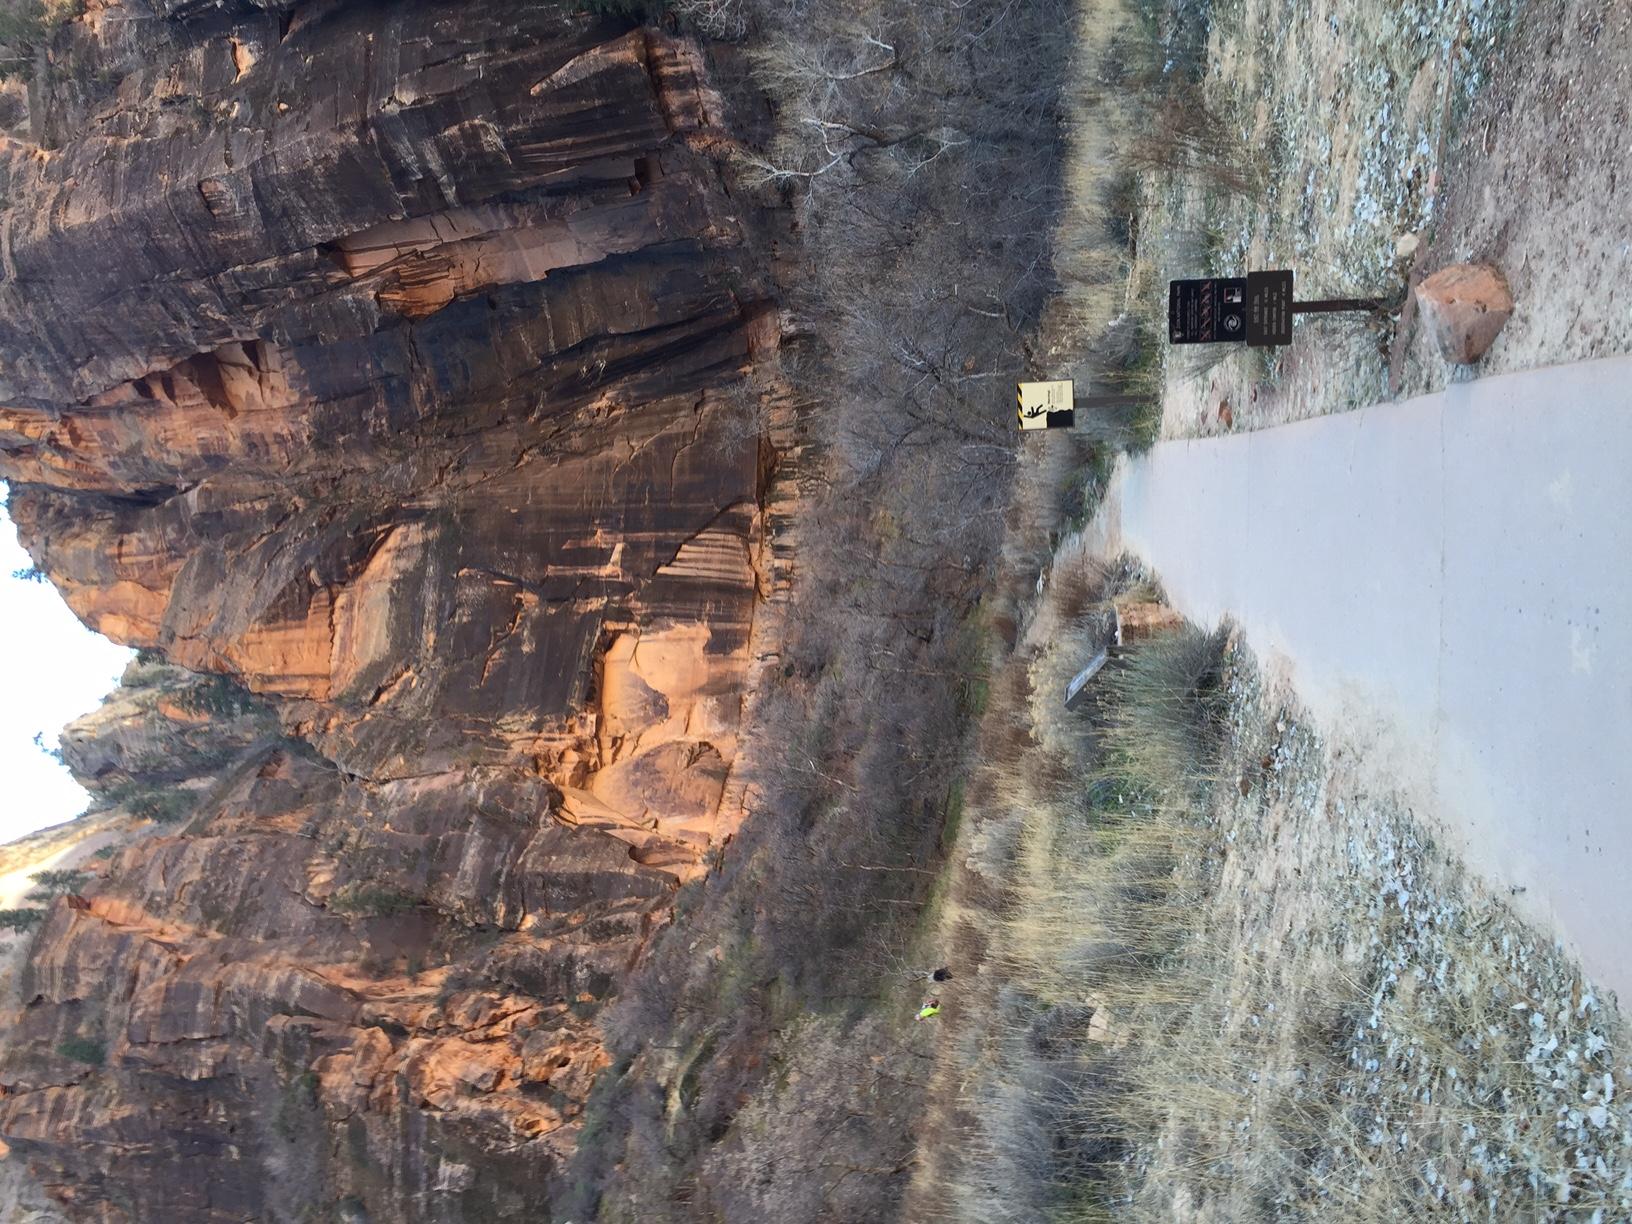 Zion National Park east rim trailhead